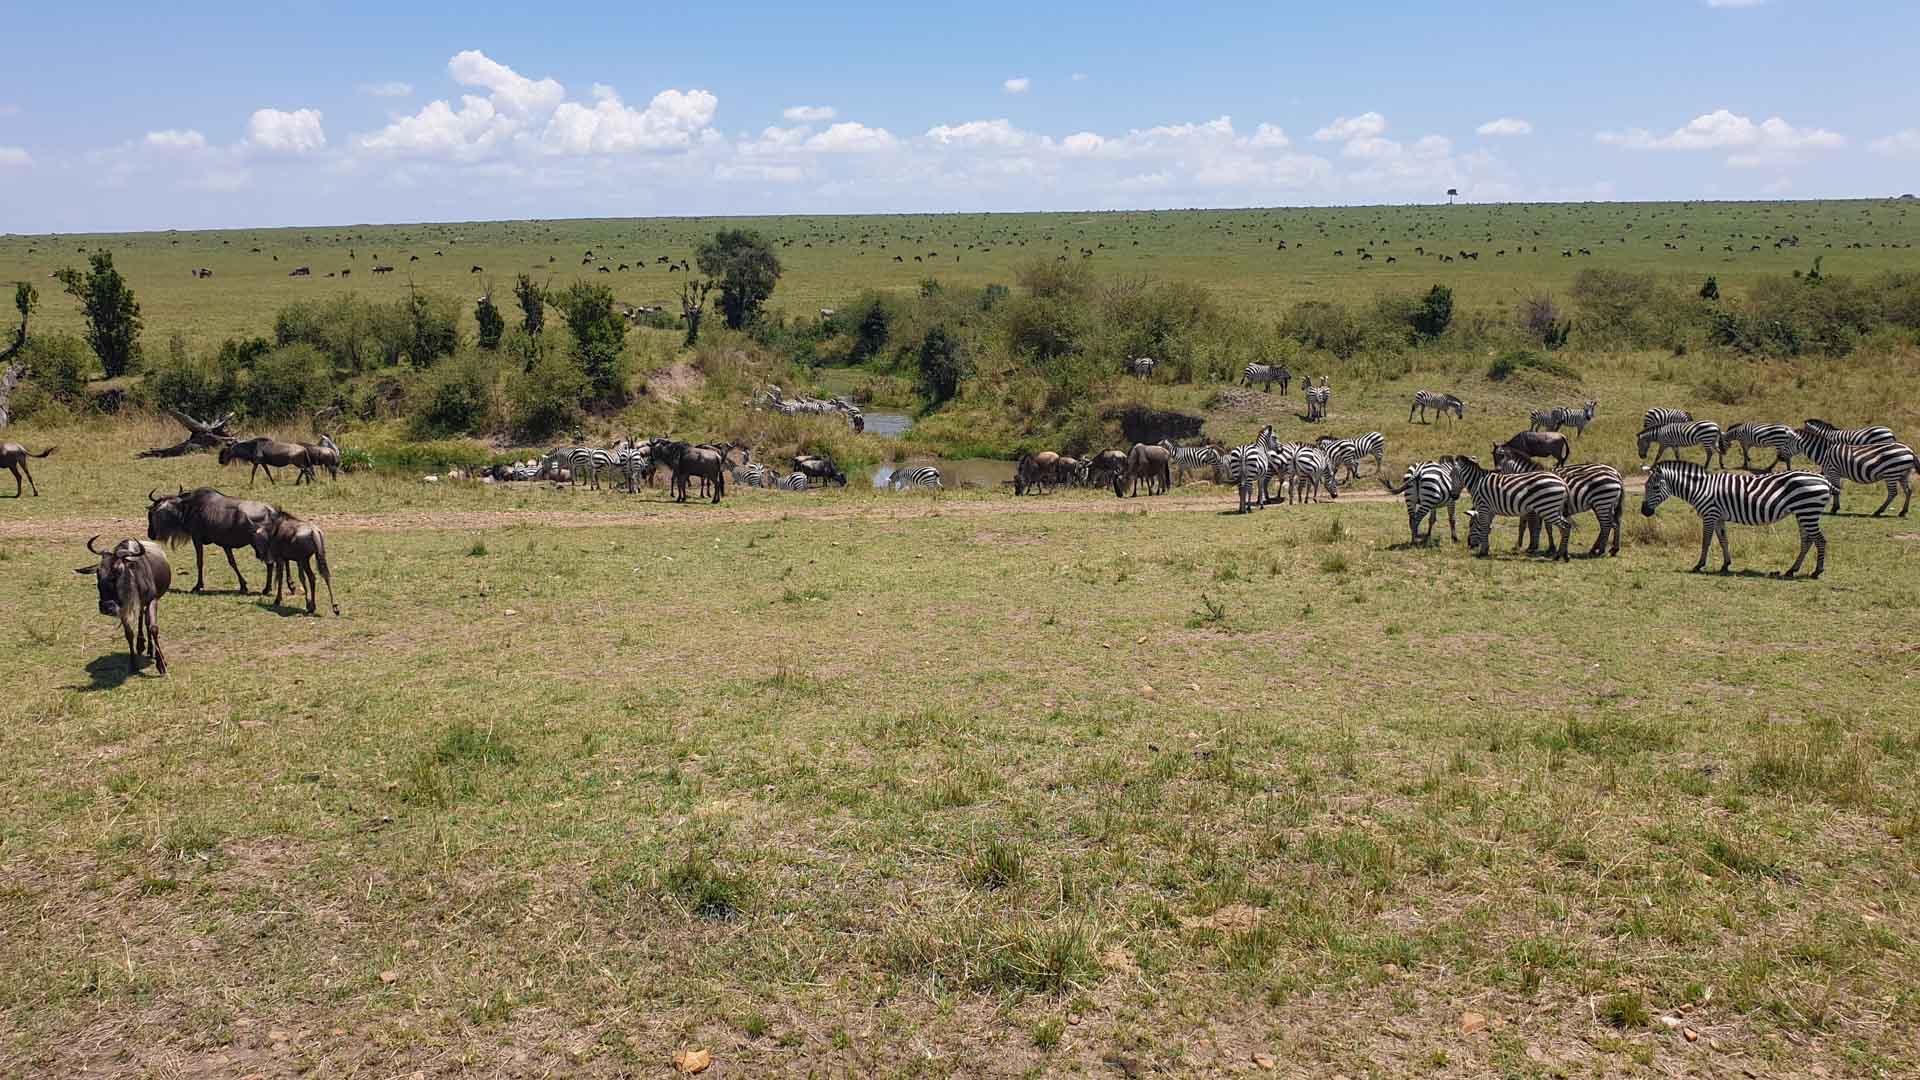 Cebras y ñus en Masai Mara, Kenia